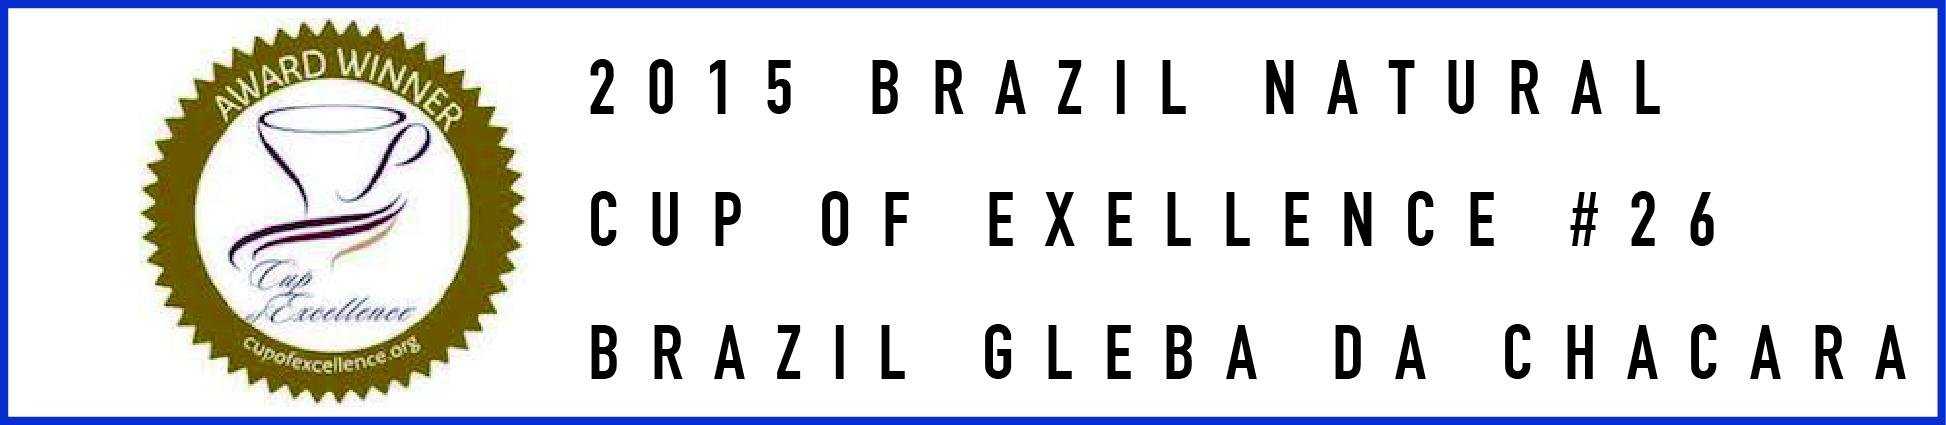 ブラジルCOE#26